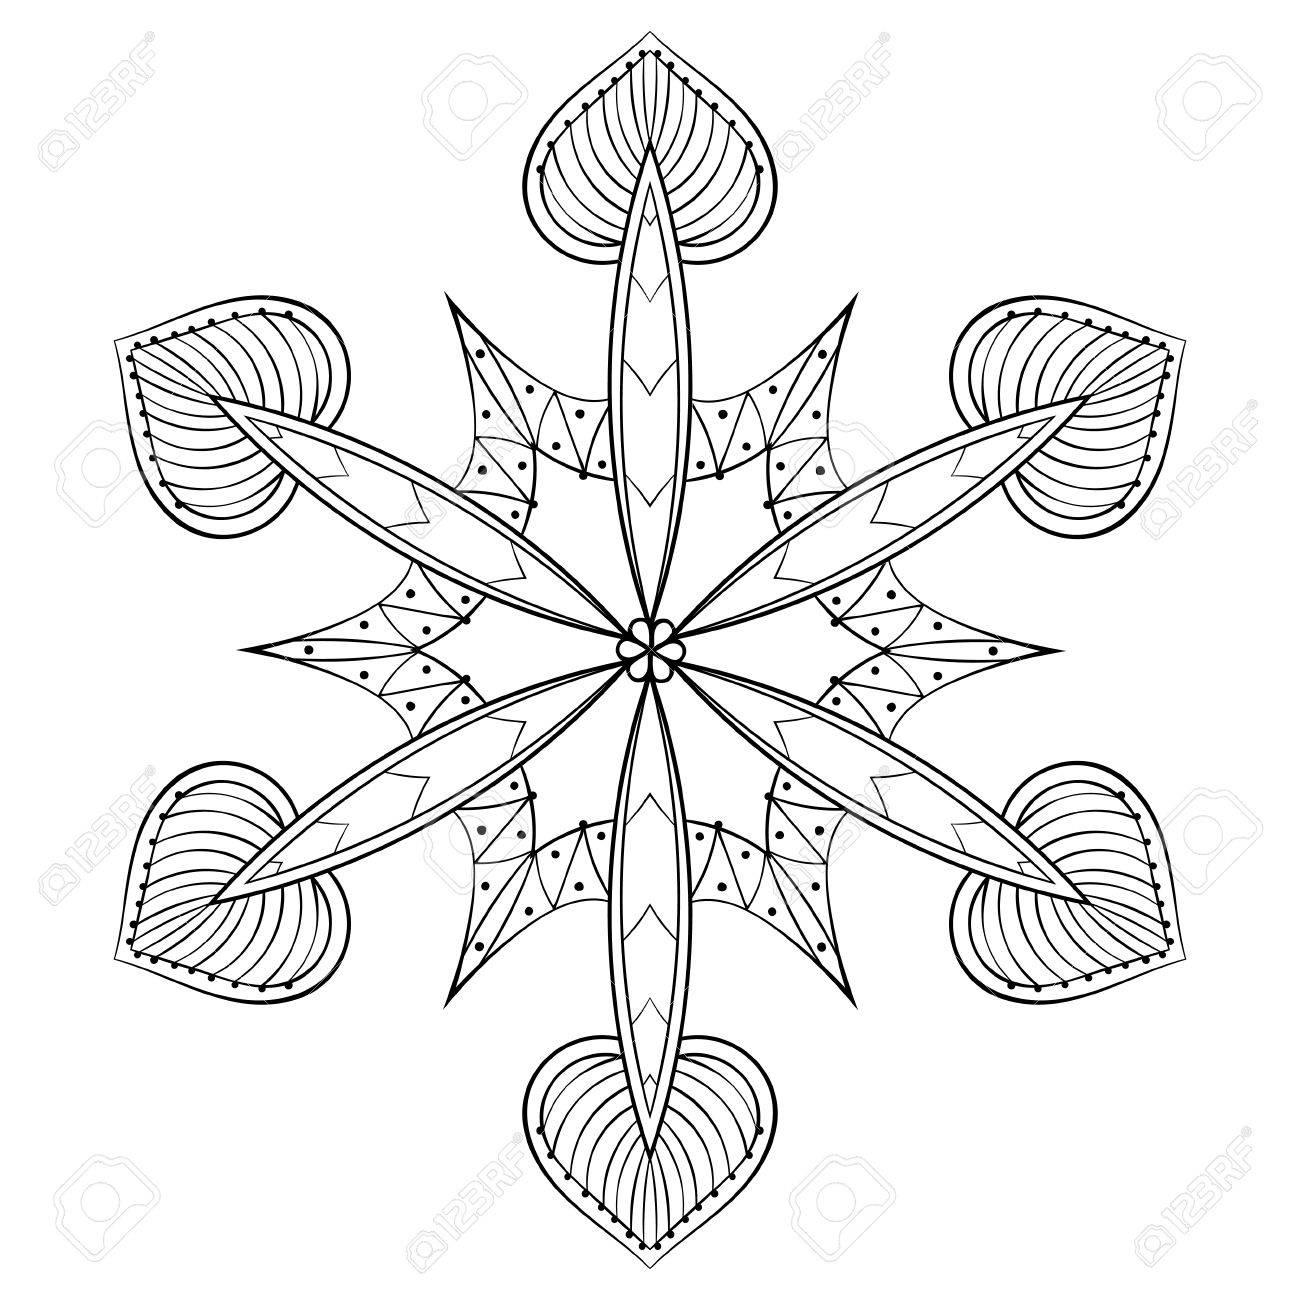 ベクトル Zentangle エレガントな雪のフレークは大人のぬり絵の